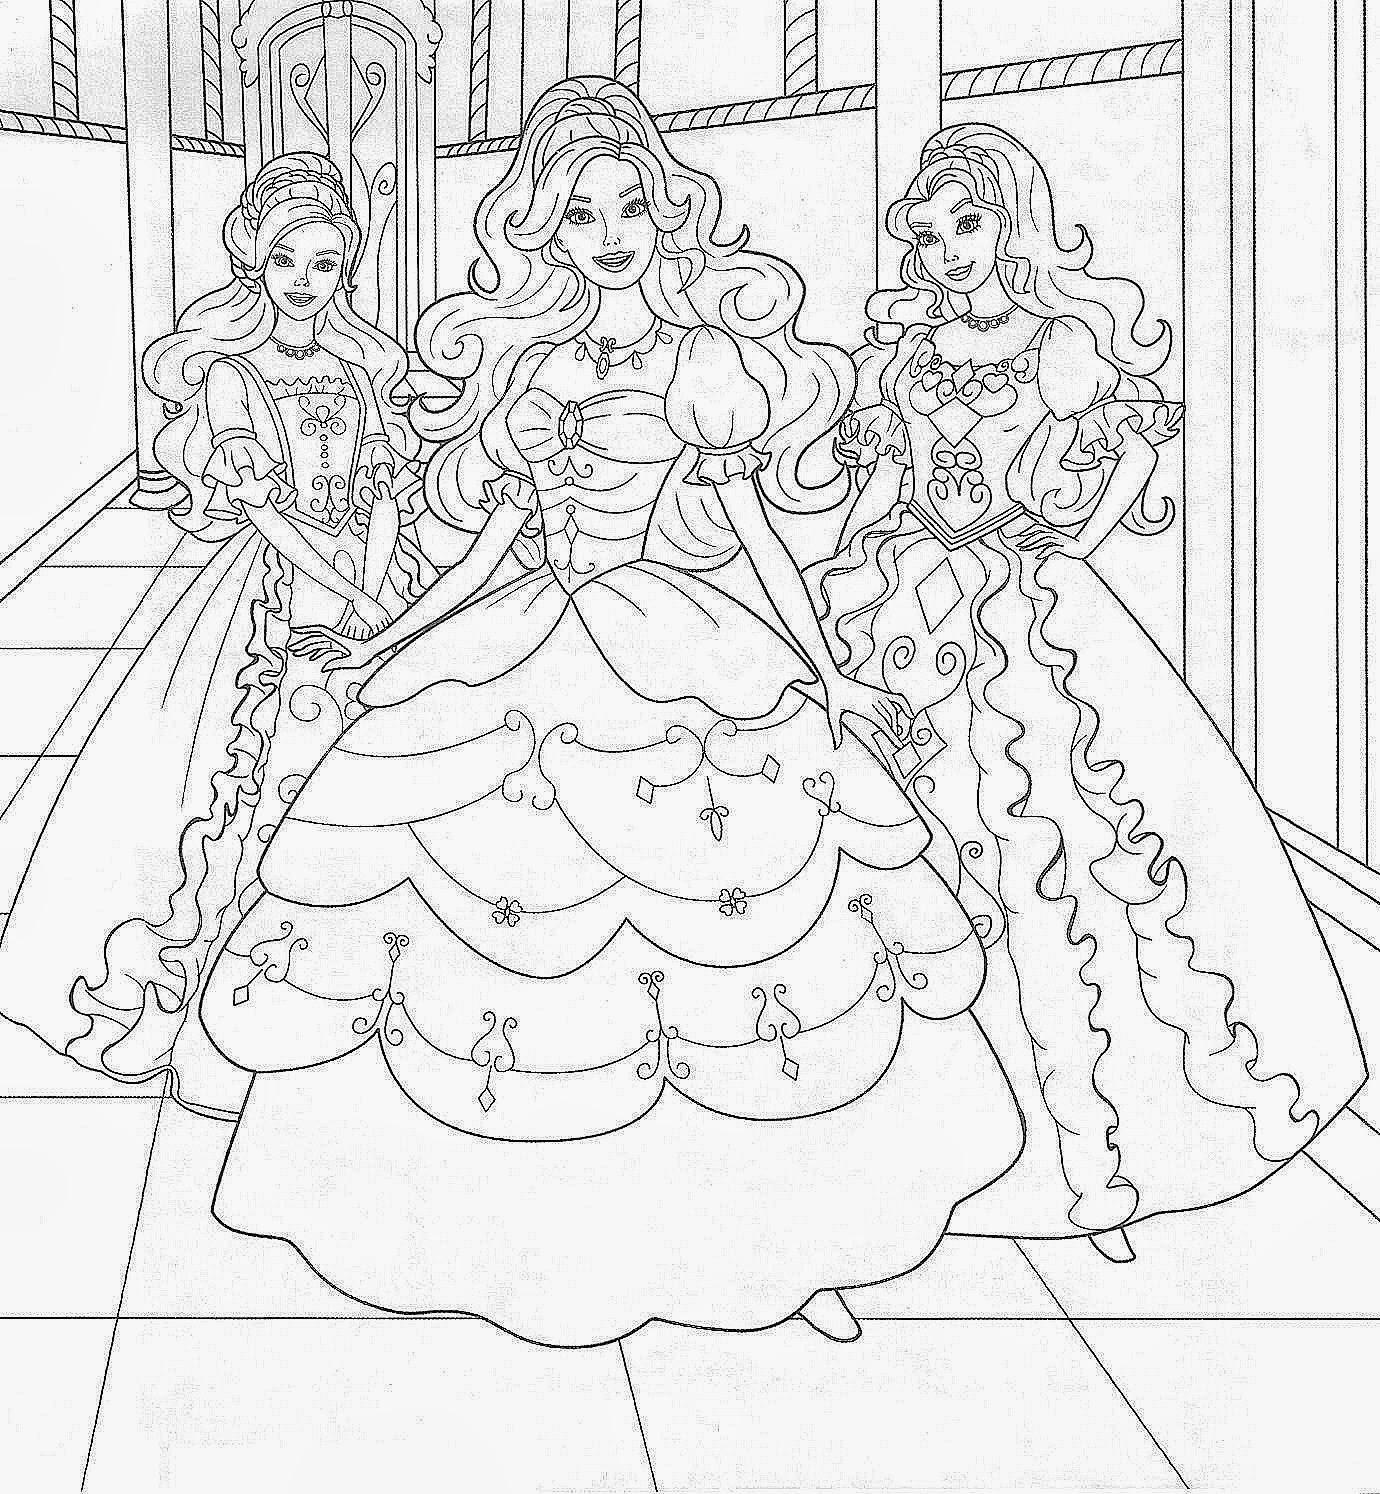 jogo desenhos barbie de colorir e imprimir no jogos online wx